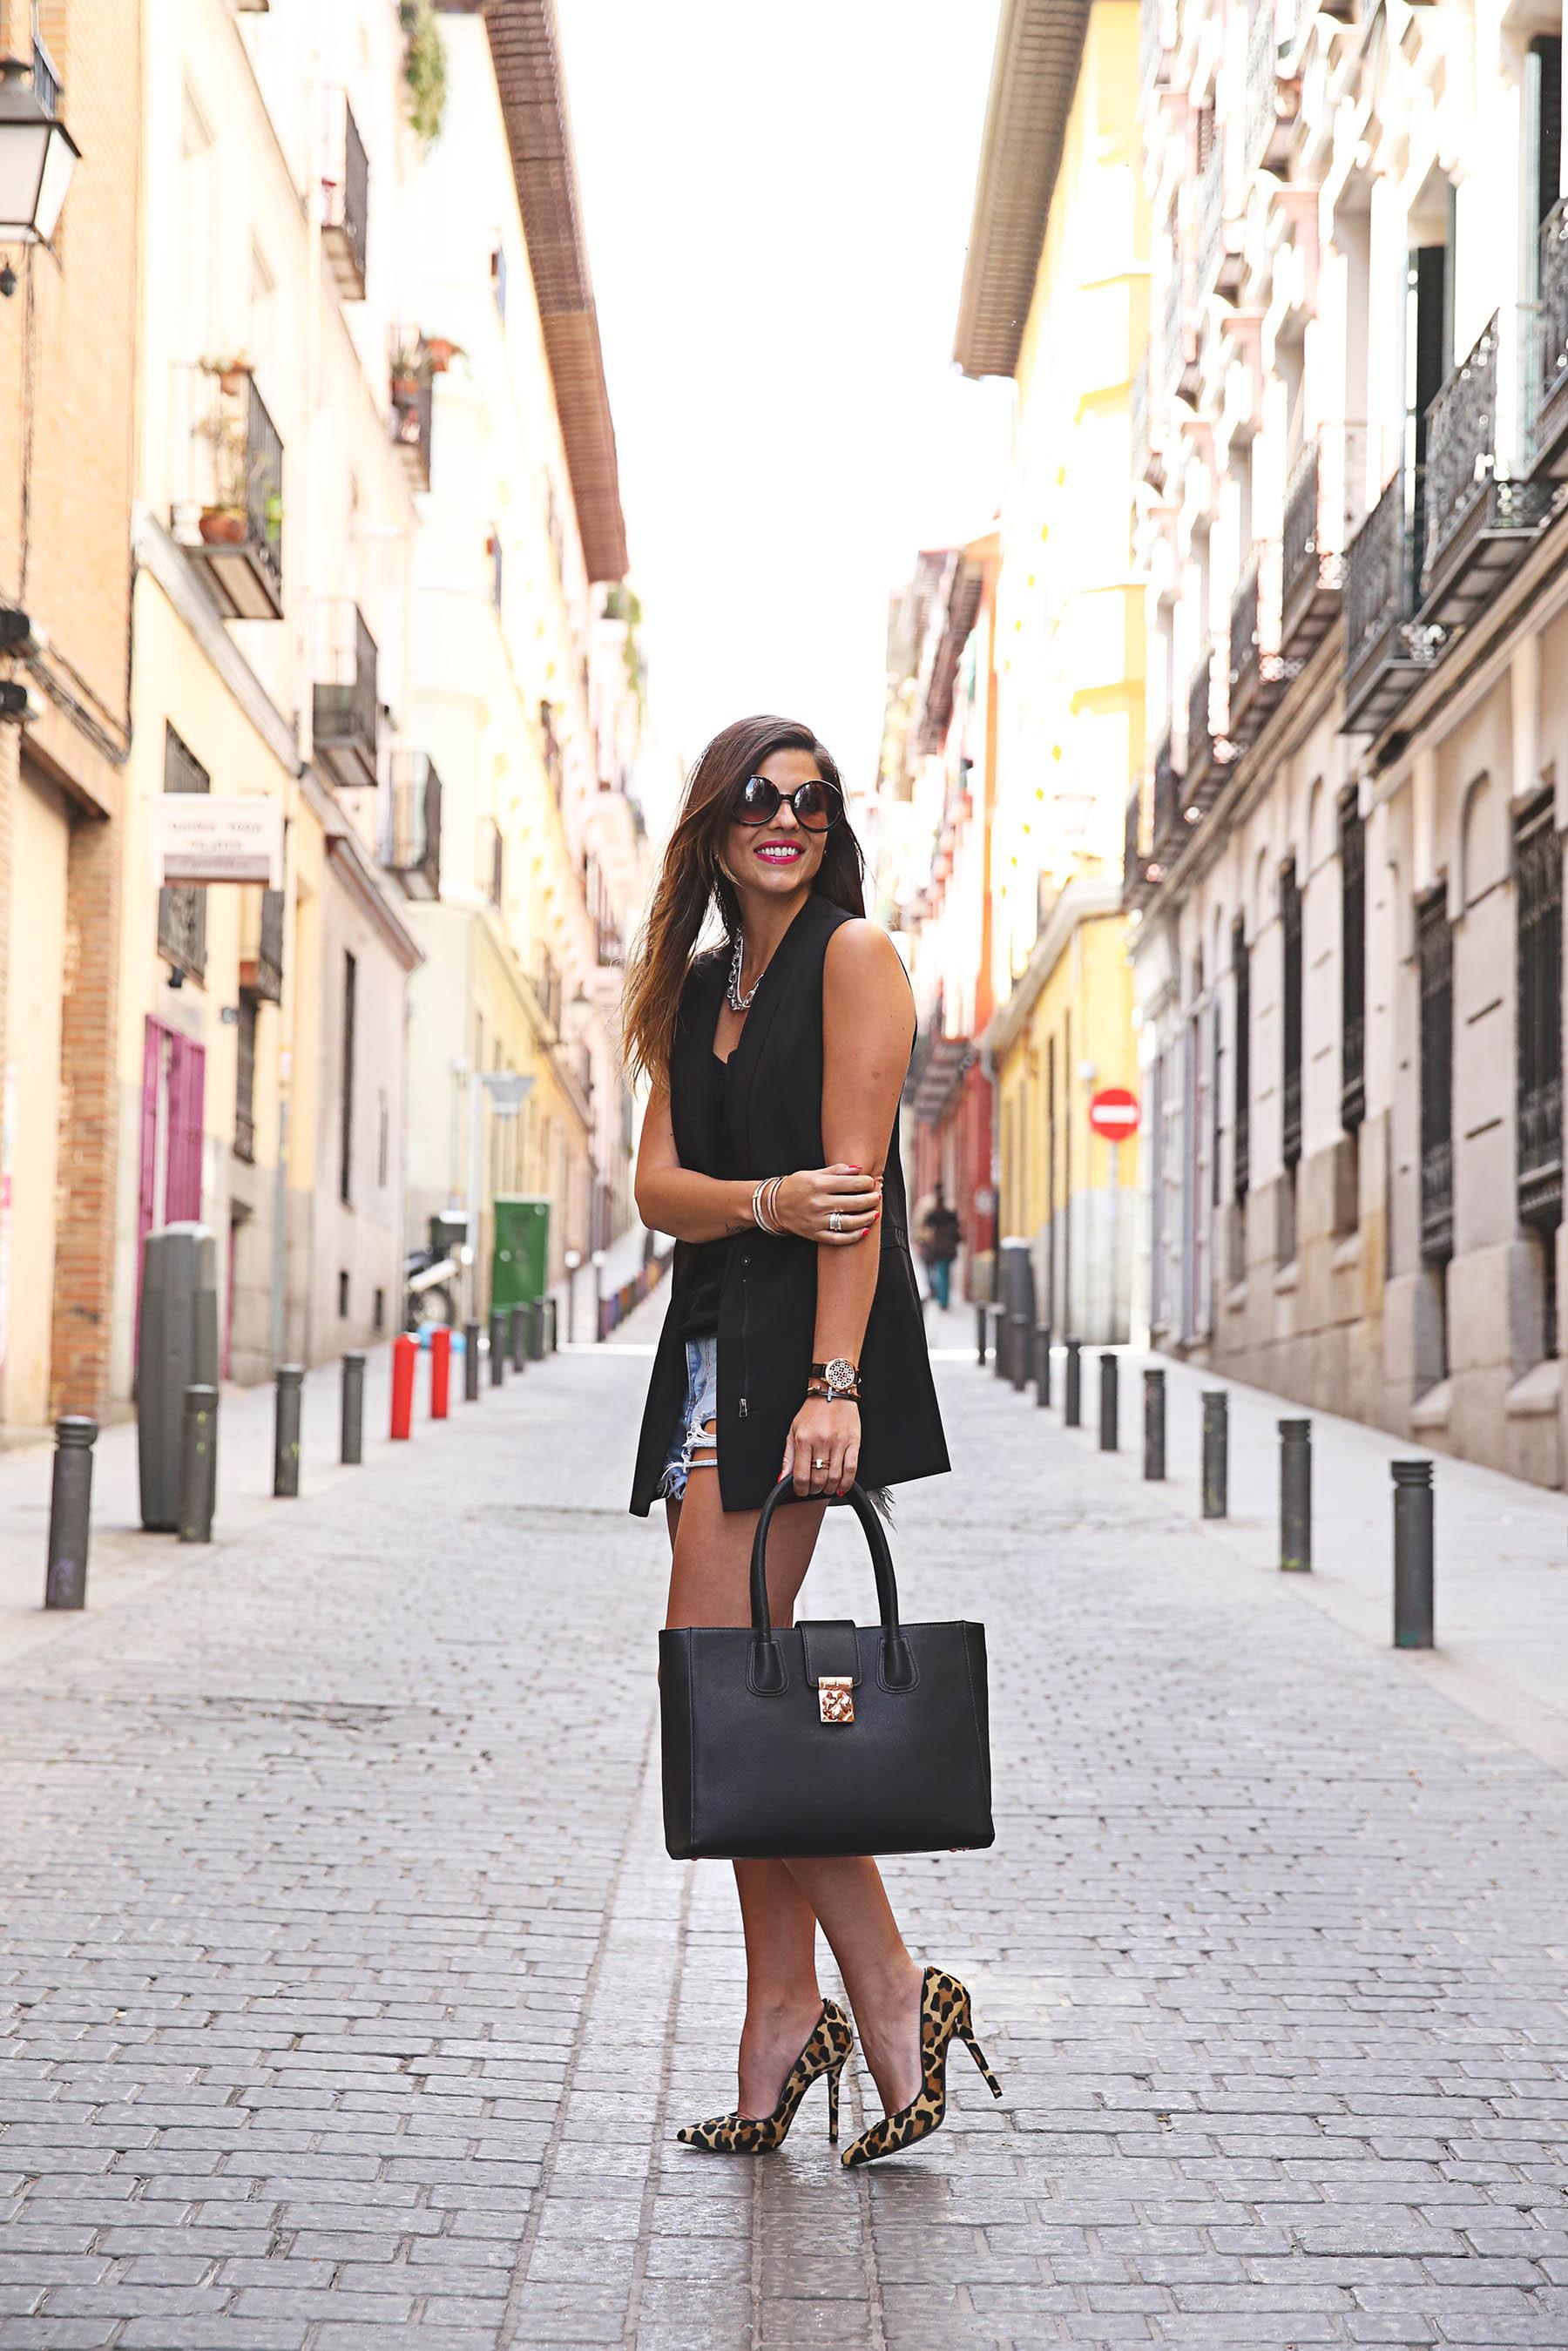 trendy-taste-look-outfit-street-style-ootd-blog-blogger-fashion-spain-moda-españa-leo-print-estiletos-mas34-leather-bag-denim-shorts-vaqueros-rotos-5